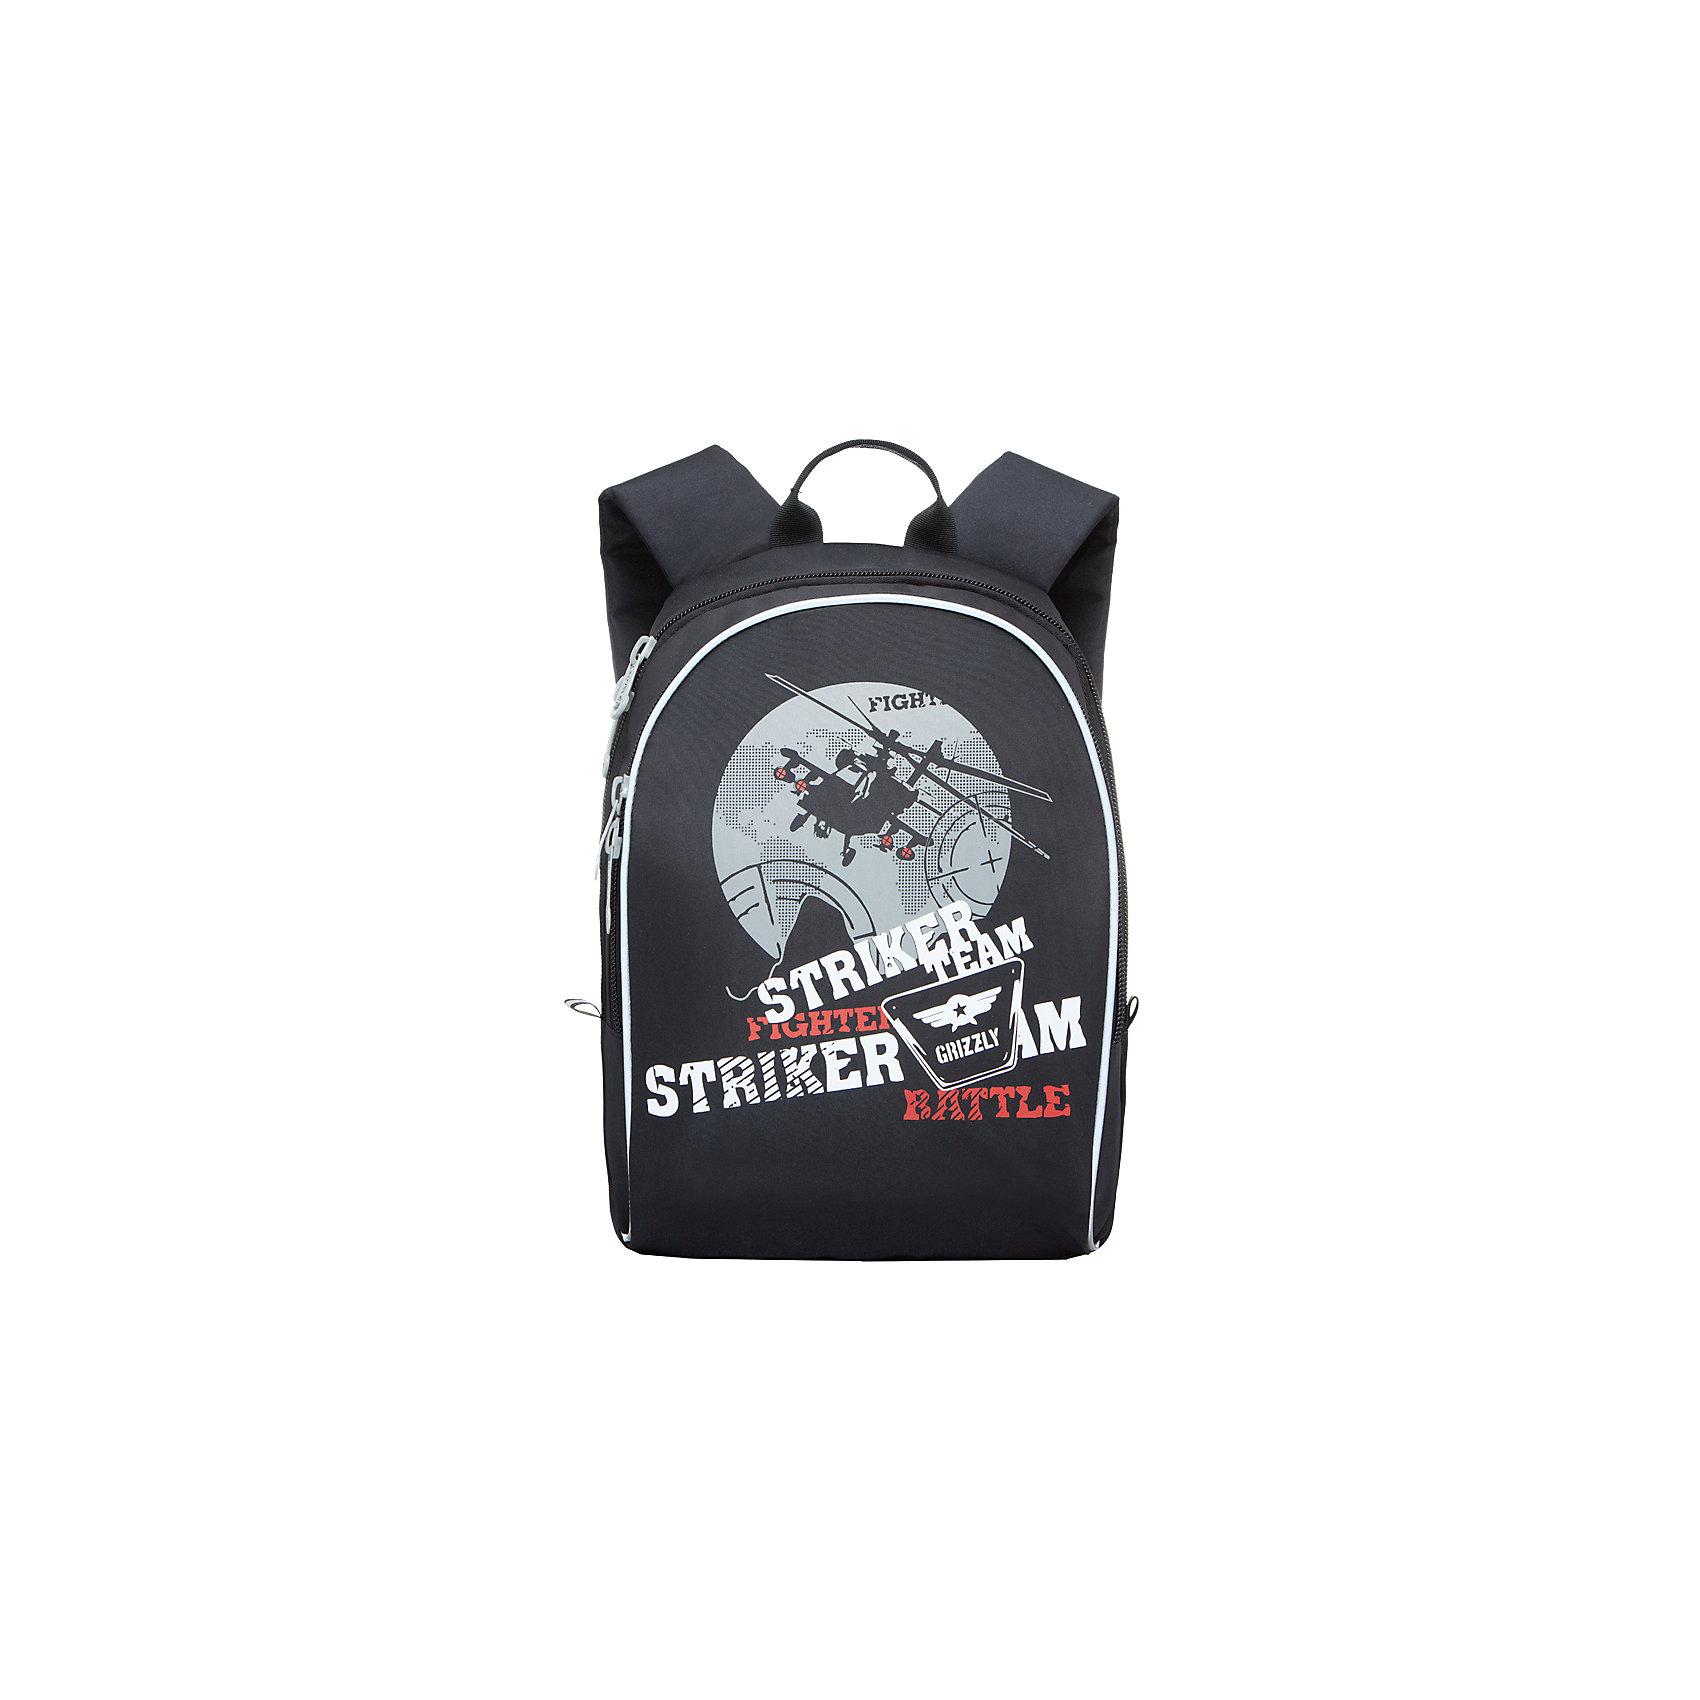 Grizzly Рюкзак школьный MonsterАксессуары<br>Яркий рюкзак украшен изображениями забавных монстров на лицевой стороне. Светоотражающие элементы по всему периметру рюкзака делают заметнее ученика в темное время суток.<br><br>Дополнительная информация:<br><br>одно отделение на молнии,<br>внутренний карман, <br>укрепленная спинка, <br>дополнительная ручка-петля, <br>укрепленные лямки, <br>светоотражающие элементы с четырех сторон<br>Карман-пенал на передней стенке<br>Размер:27х35х16см.<br>Вес: 470 г<br><br>Рюкзак школьный, Monster Grizzly , черно-серый можно купить в нашем магазине.<br><br>Ширина мм: 270<br>Глубина мм: 160<br>Высота мм: 370<br>Вес г: 388<br>Возраст от месяцев: 72<br>Возраст до месяцев: 120<br>Пол: Мужской<br>Возраст: Детский<br>SKU: 4632773